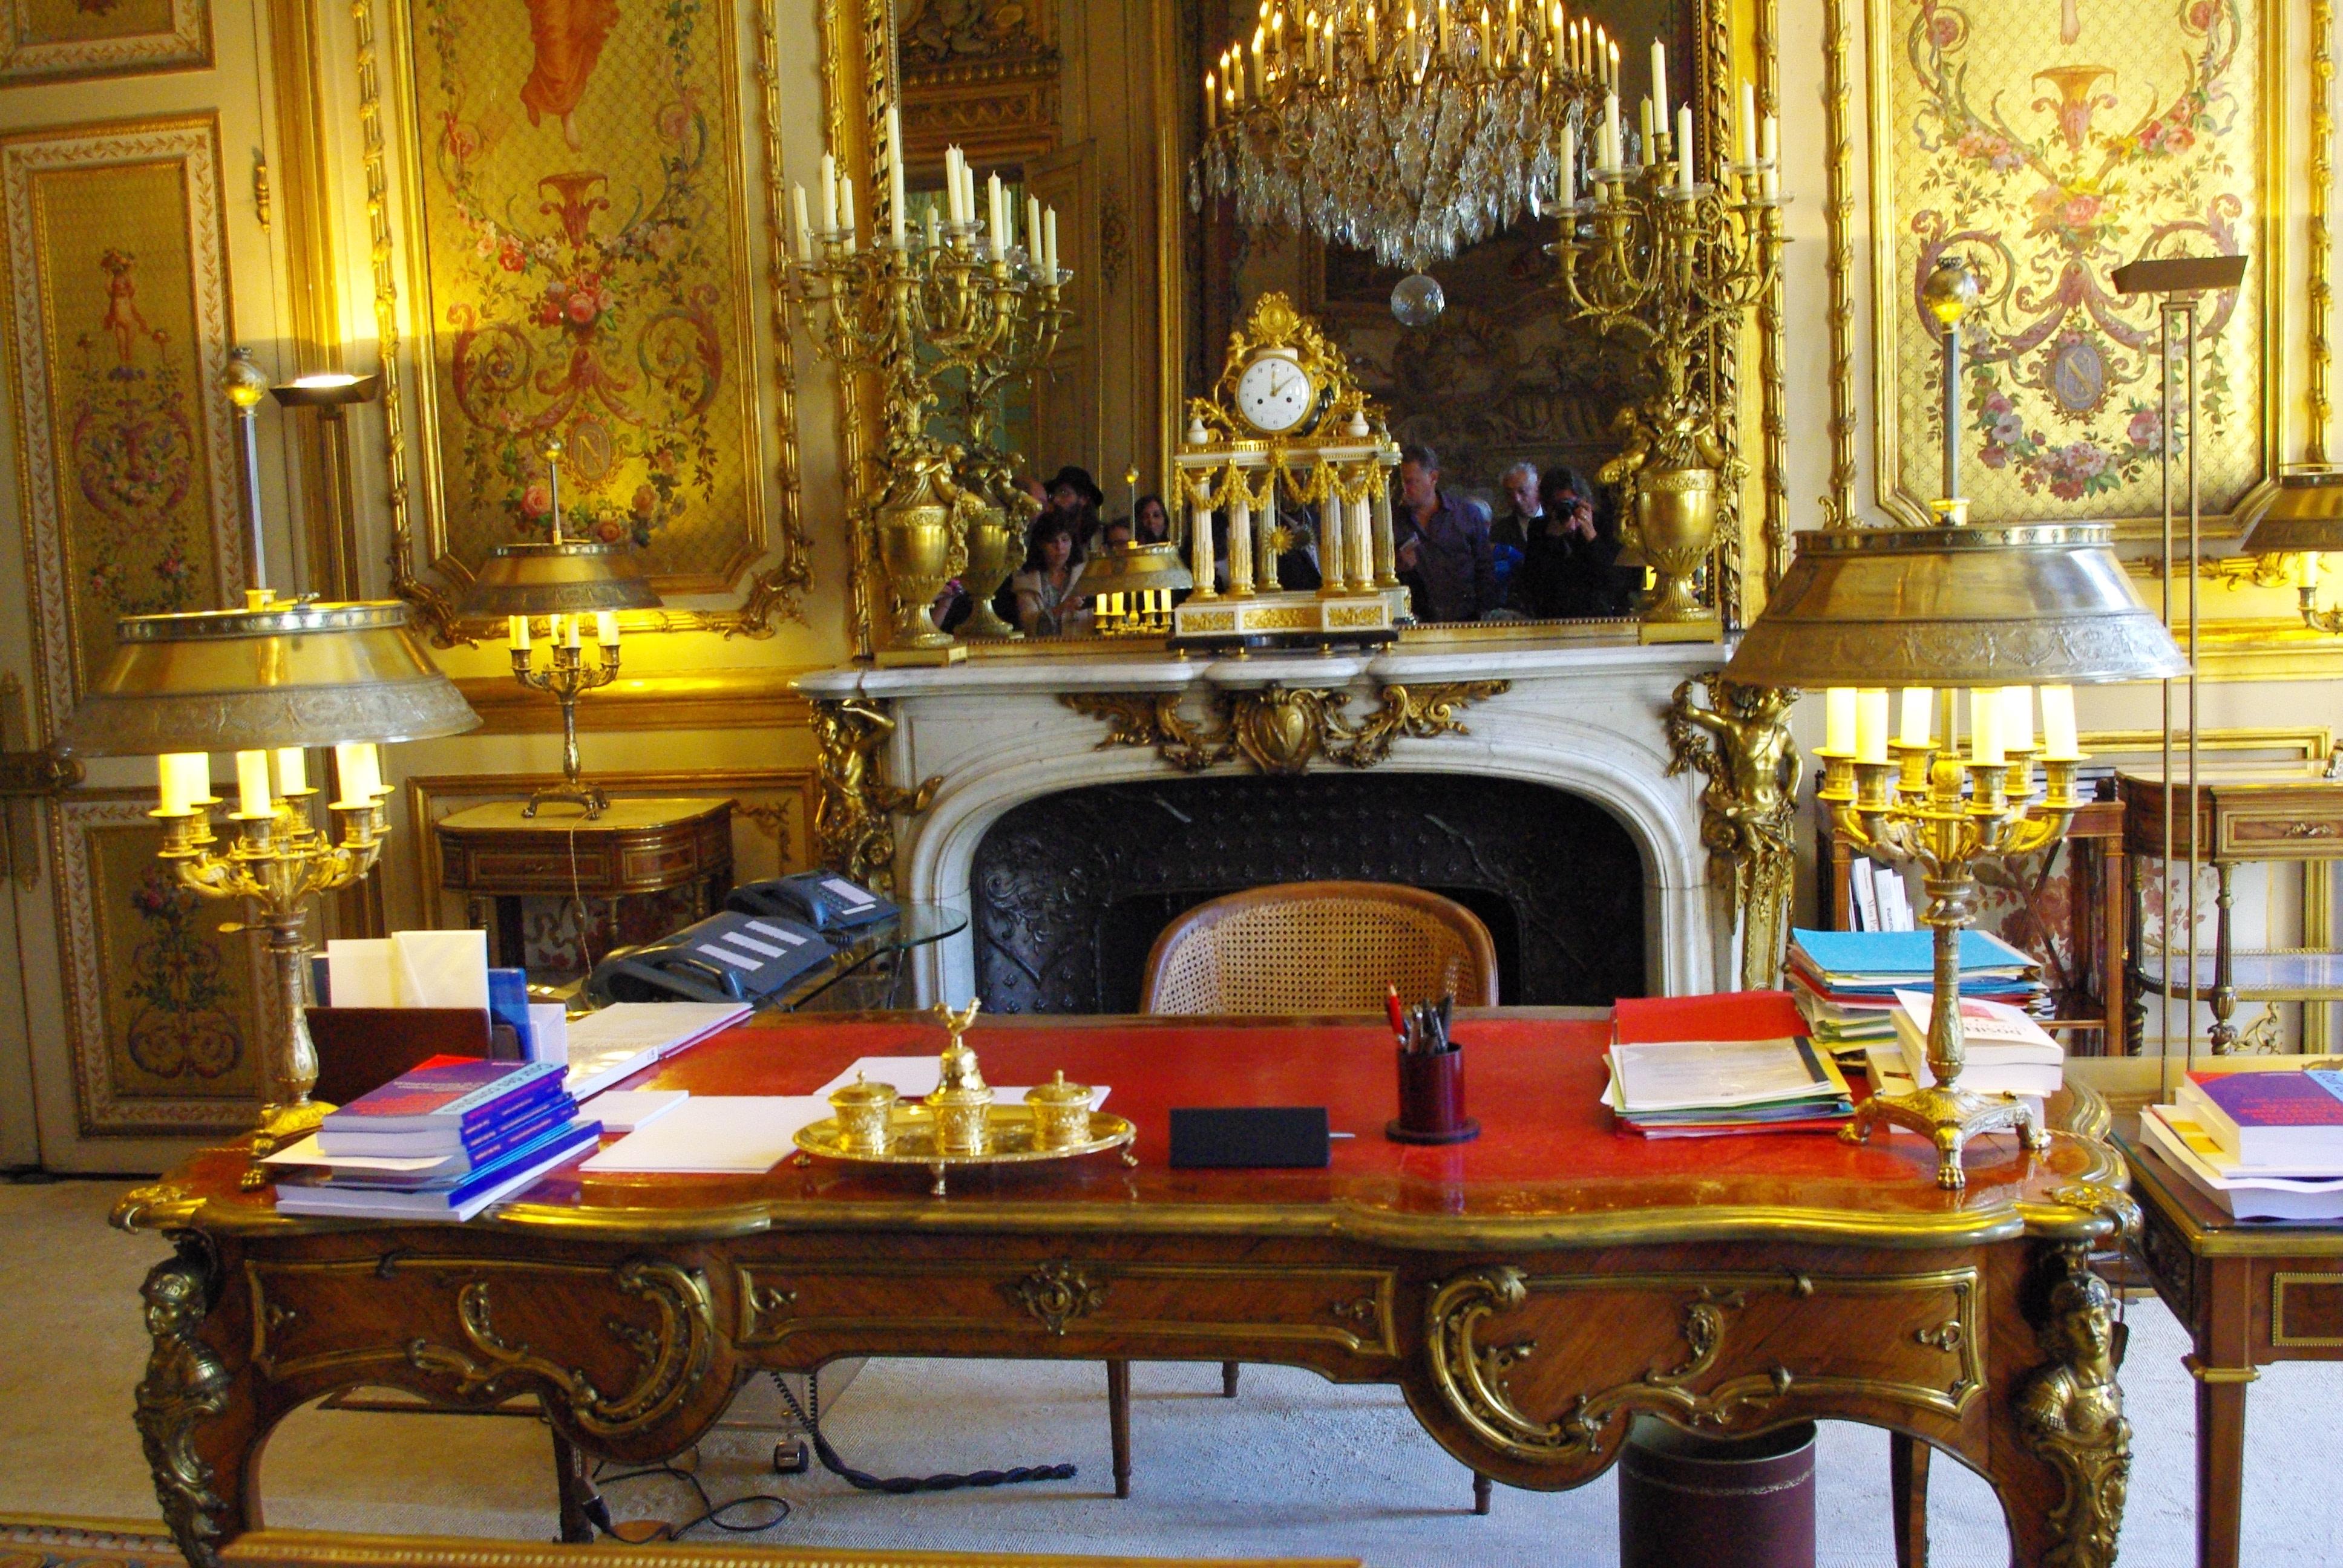 Bureau de style lyon beau collection hotel in paris ibis styles